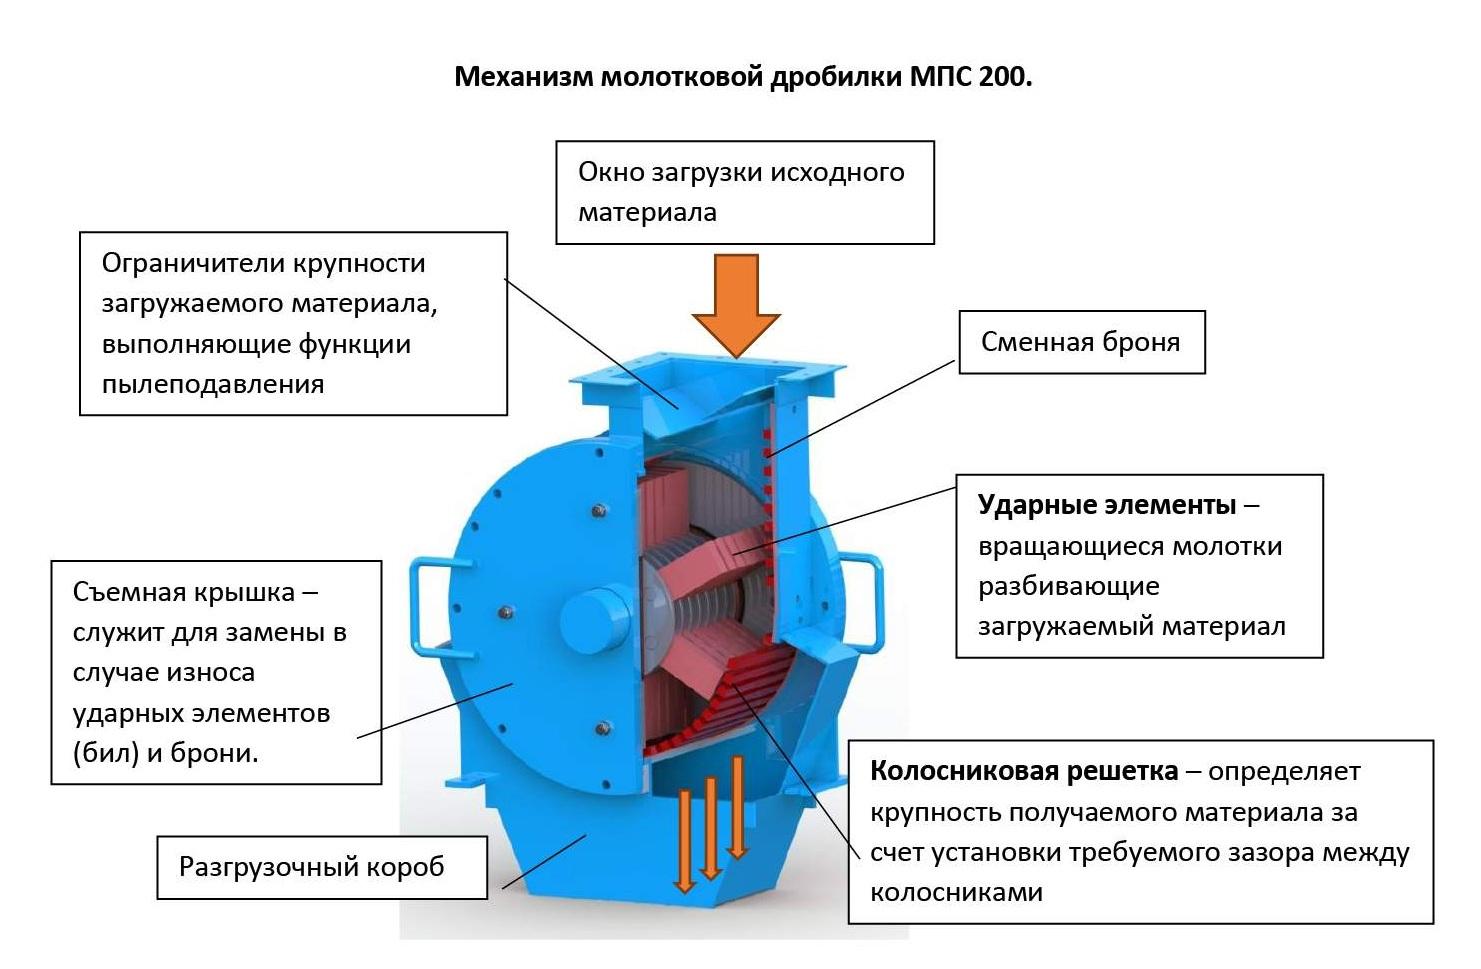 МПС-200 дробилка молотковая. Технические Характеристики, устройство, чертёж. Тульские Машины.